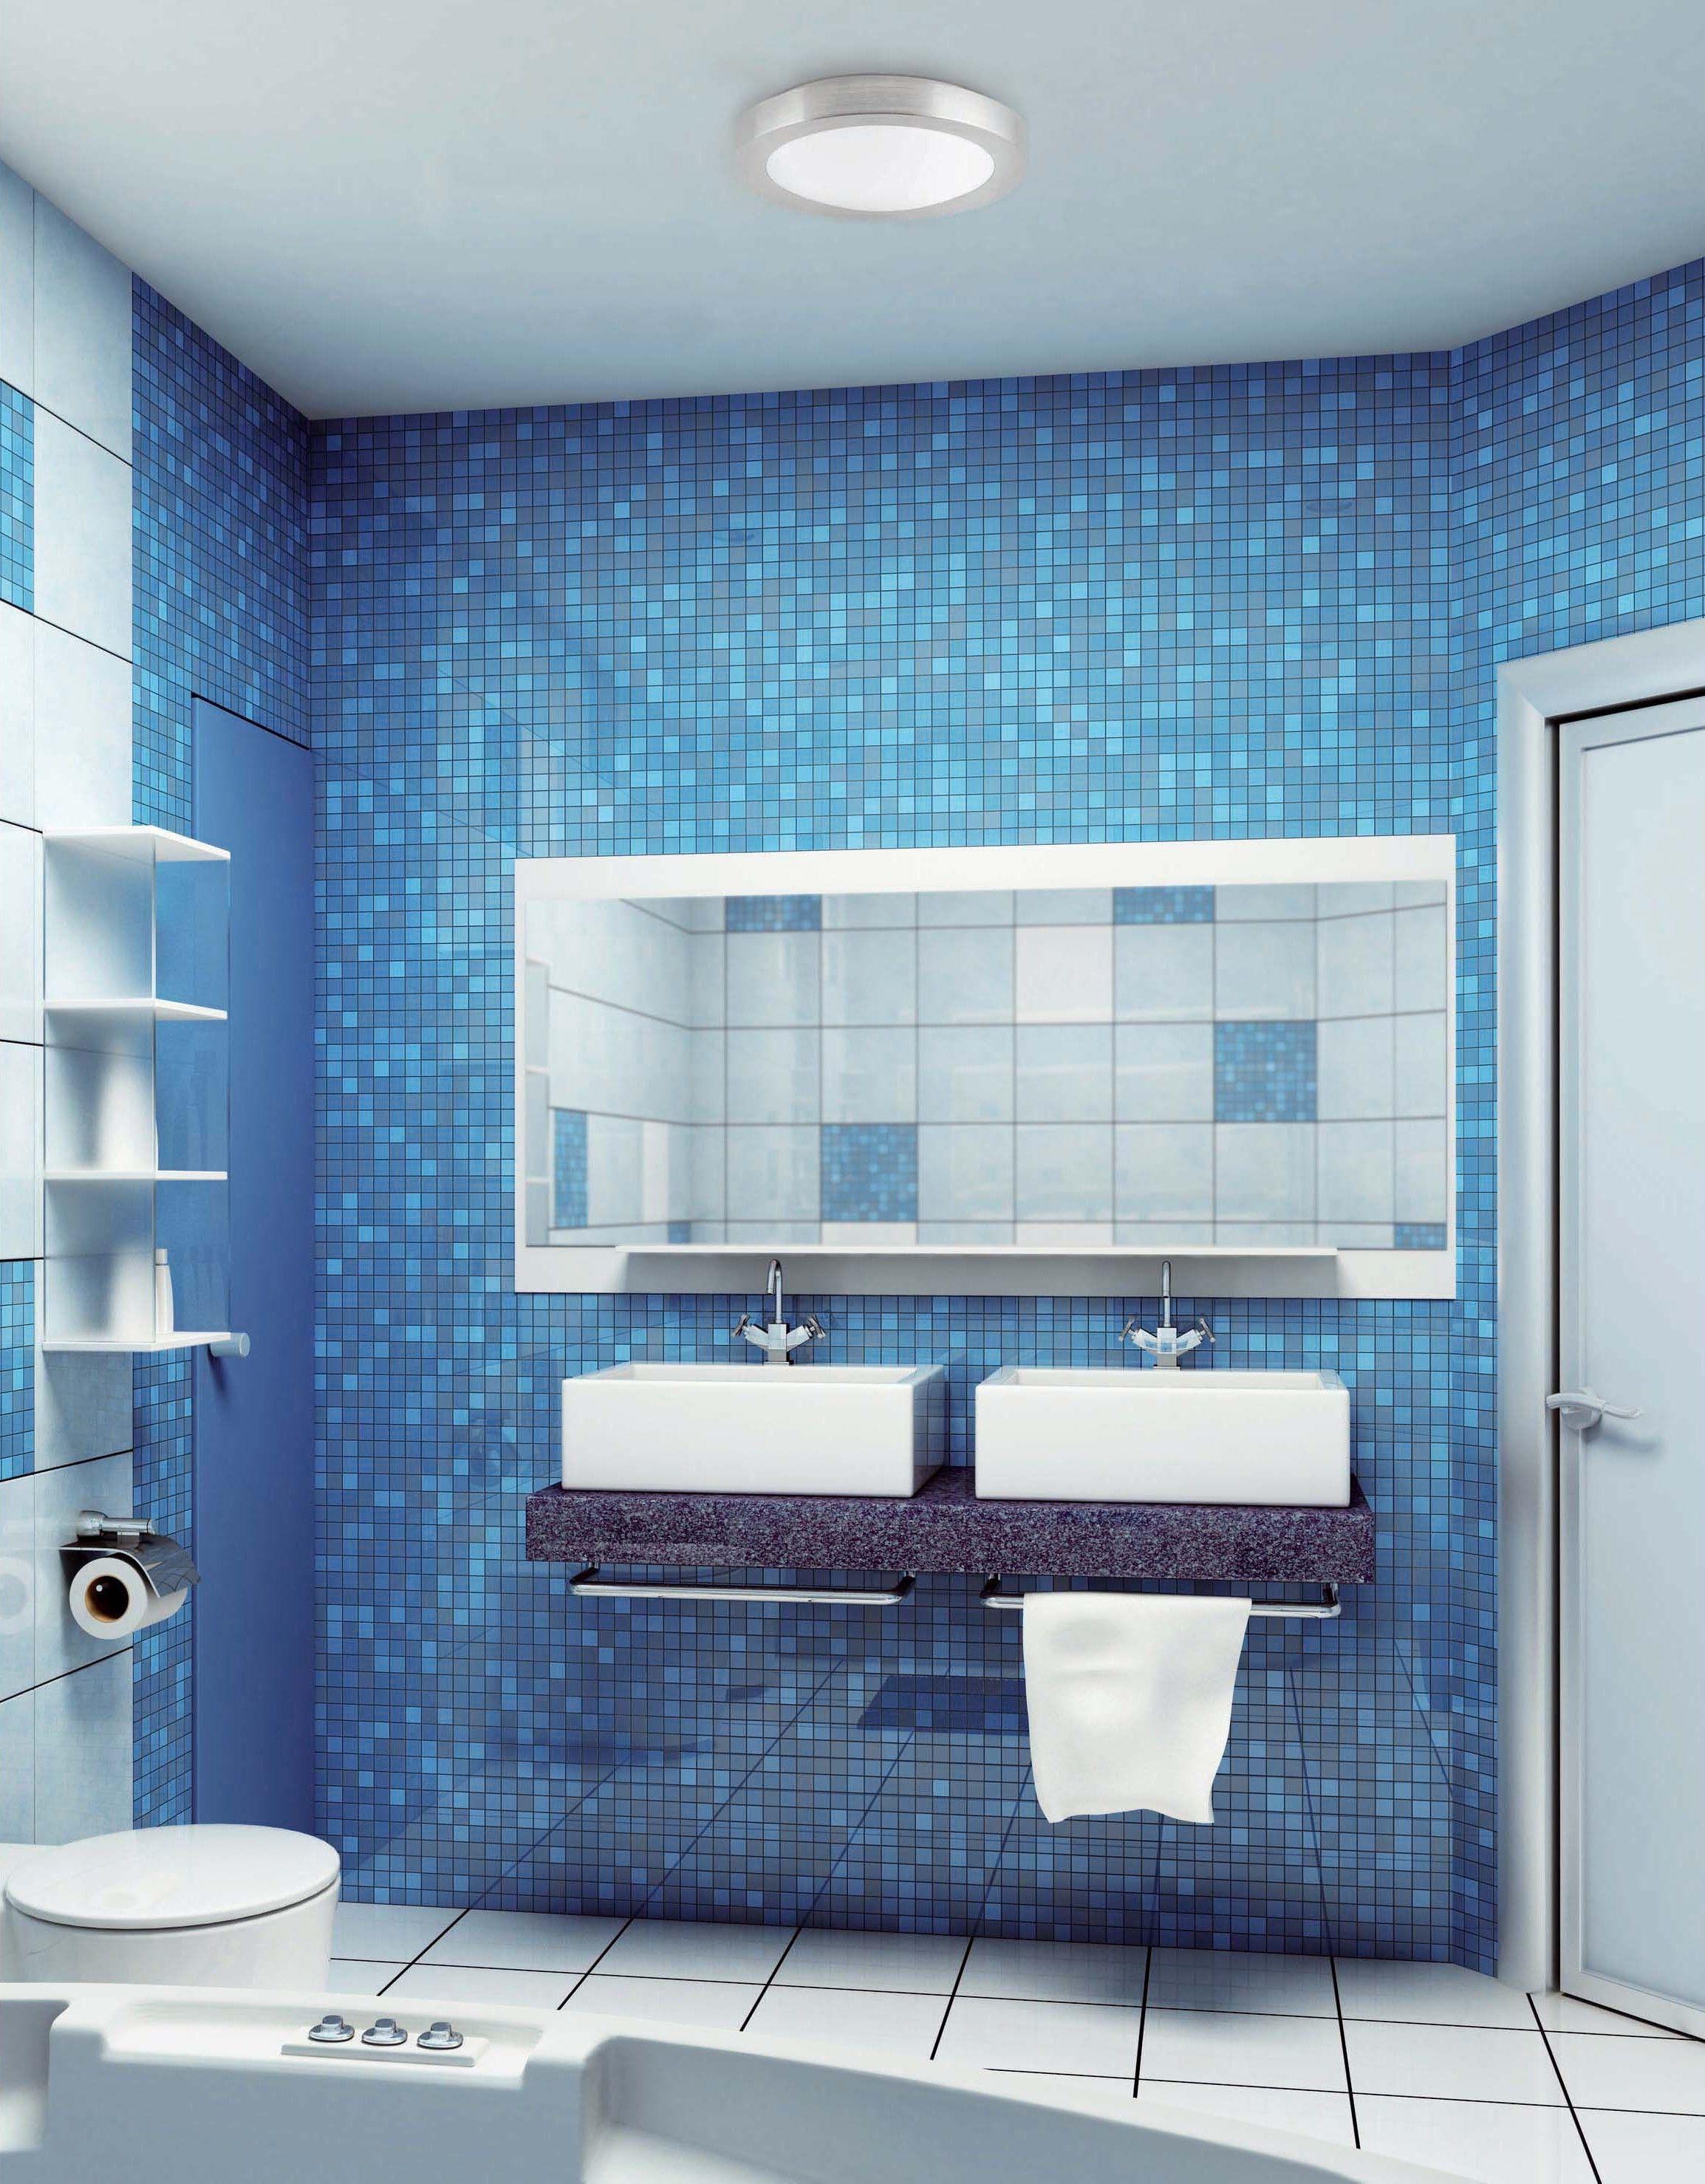 Salle De Bain Deco Bleu ~ une l gante salle de bain bleue o la lumi re provient d un